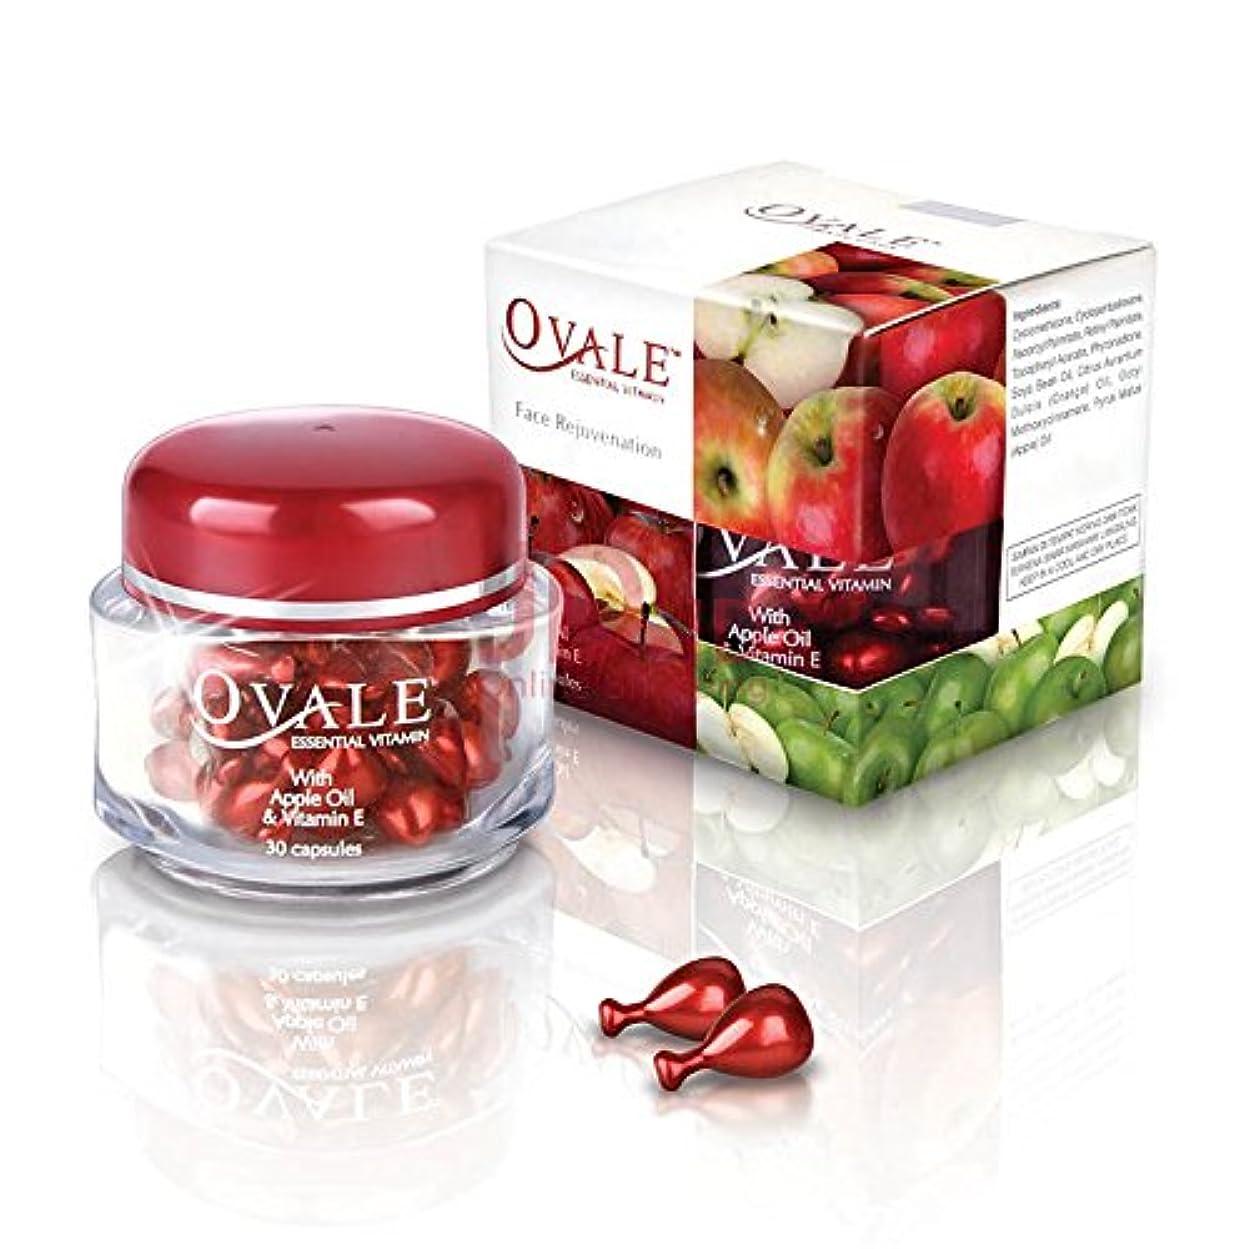 とにかく石の別にOvale オーバル フェイシャル美容液 essential vitamin エッセンシャルビタミン 30粒入ボトル×2個 アップル [海外直送品]